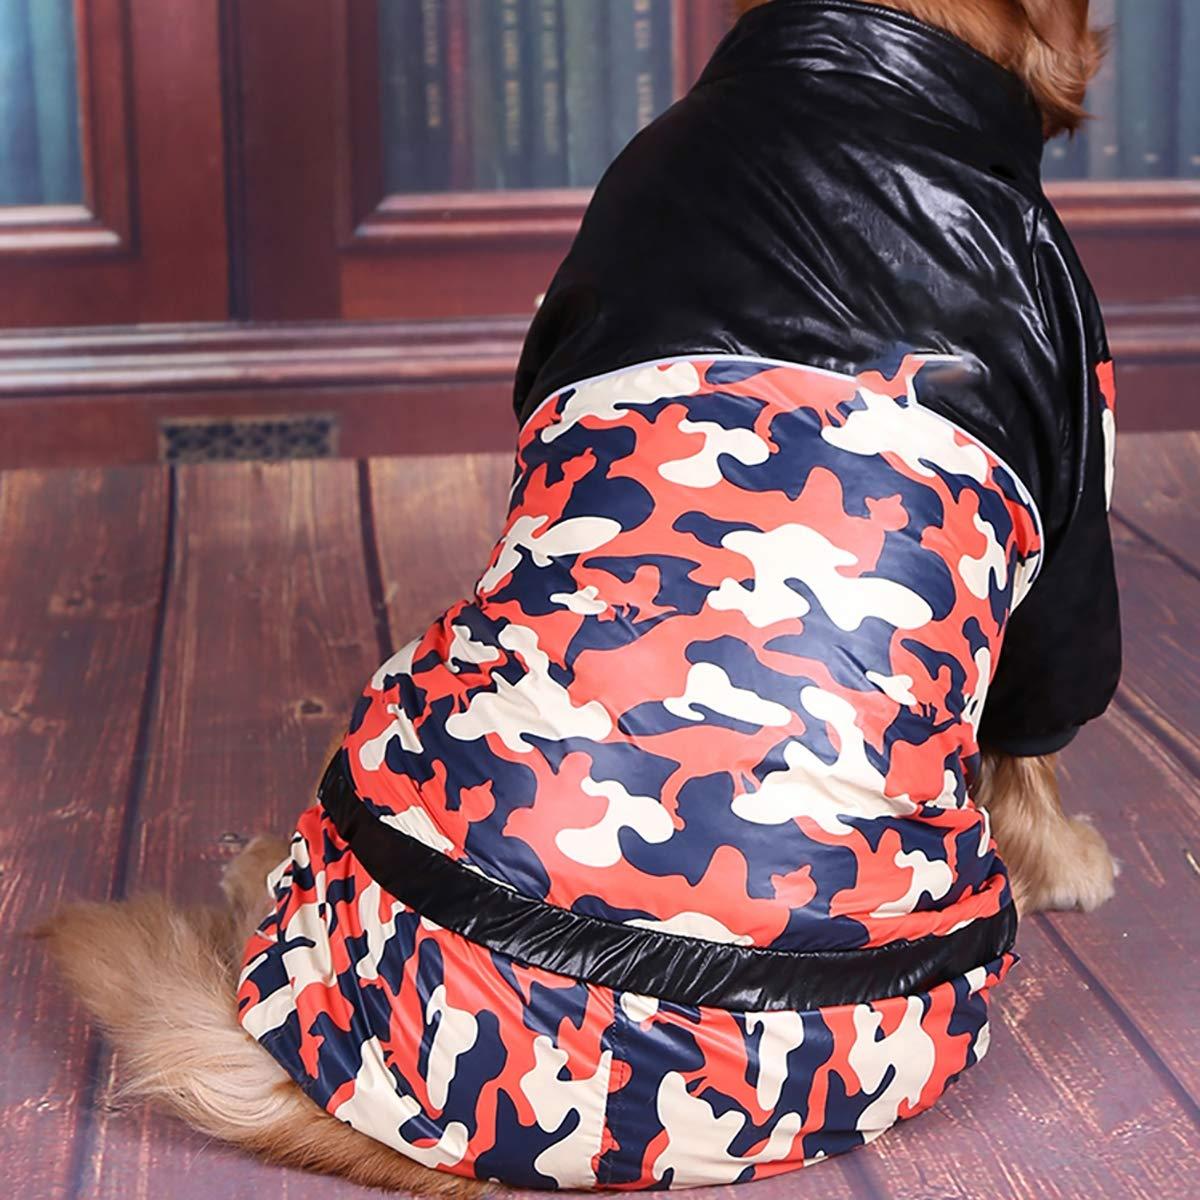 orange 38 orange 38 Winter Big Dog Clothes, Medium and Large Dogs, golden Retriever, Satsuma Huskies, Dubinde, Camouflage, Four-Legged Clothes,orange,38